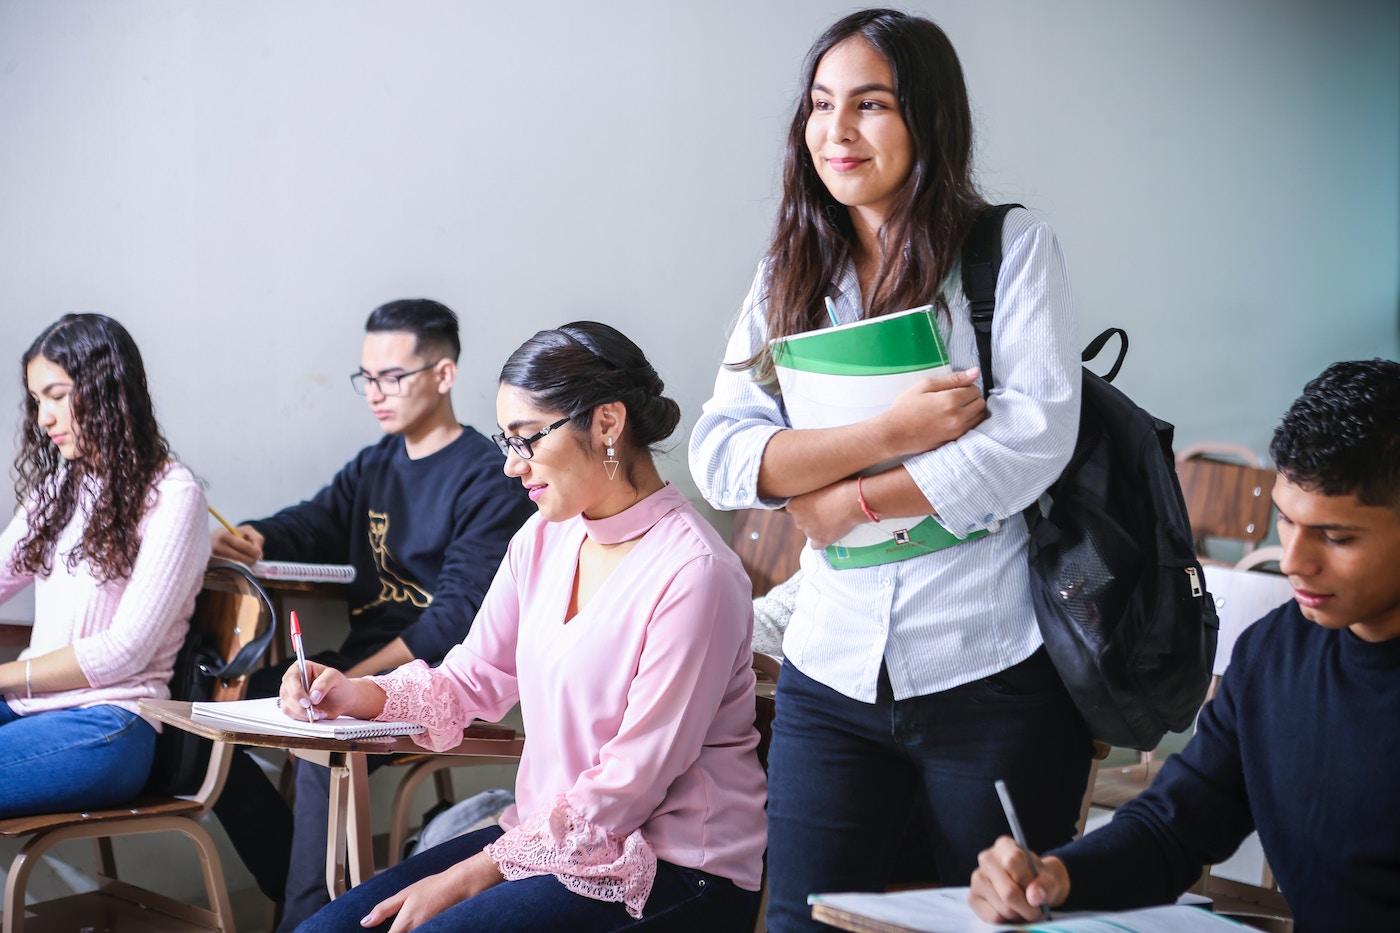 college-student-lupus